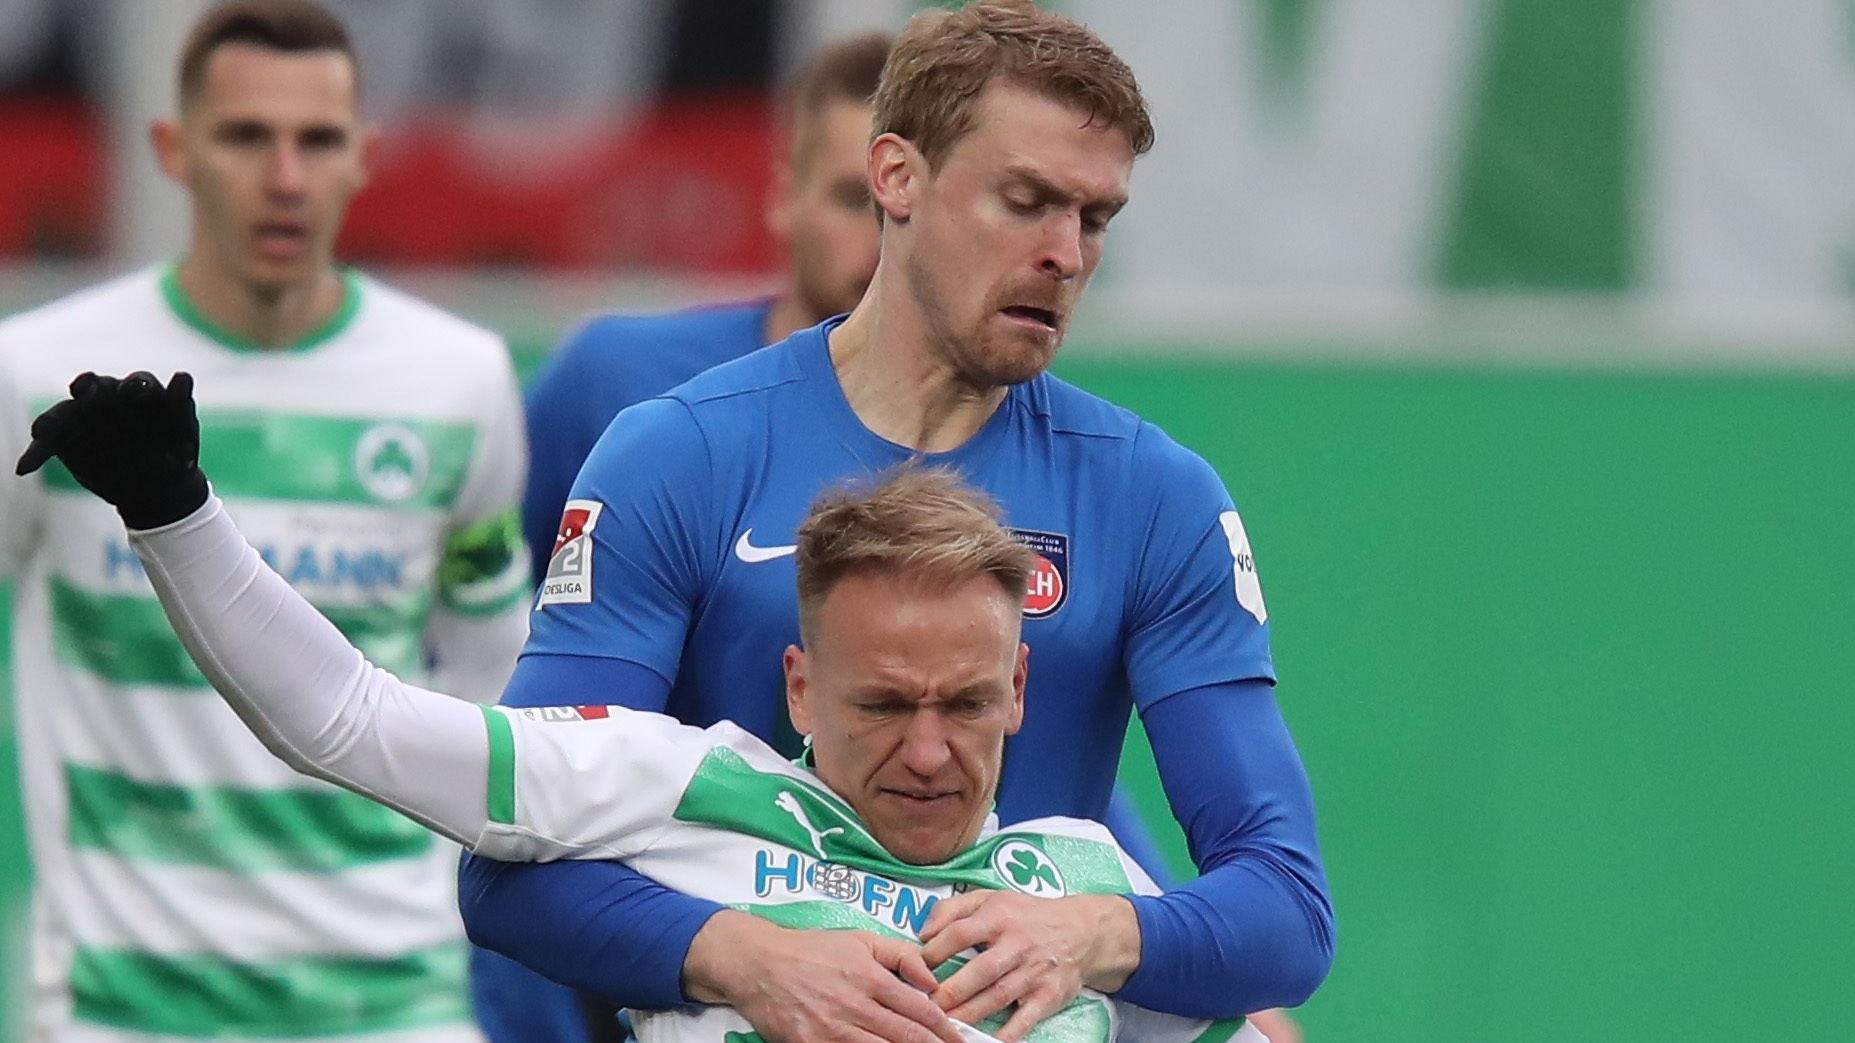 Eng dran: Heidenheims Oliver Hüsing (blaues Trikot) im Zweitliga-Duell mit Havard Nielsen von Greuther Fürth. Foto: dpa/Karmann